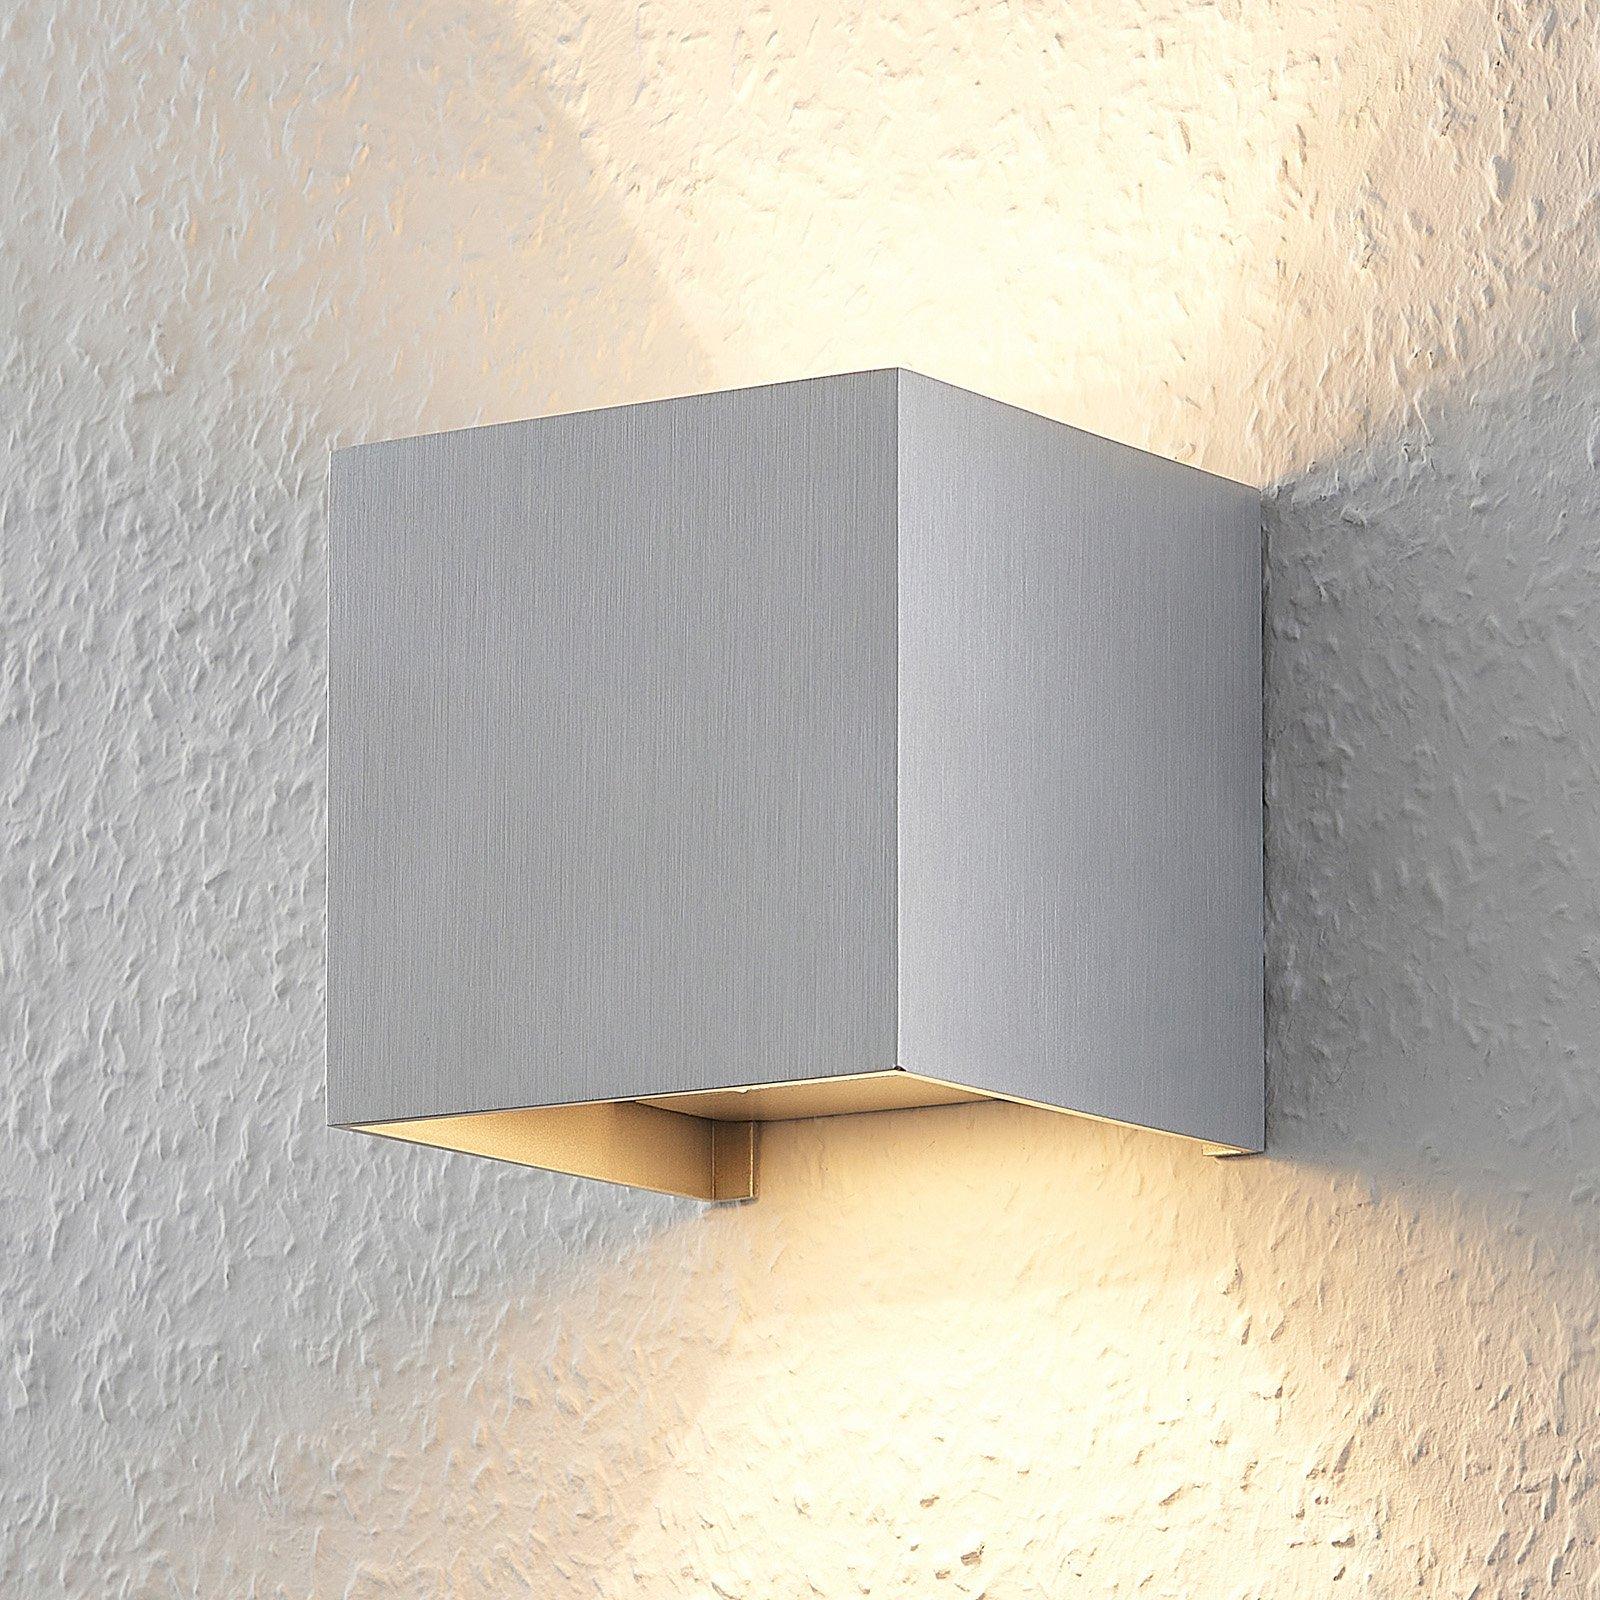 Zusana - vegglampe i aluminium med G9-LED-pære